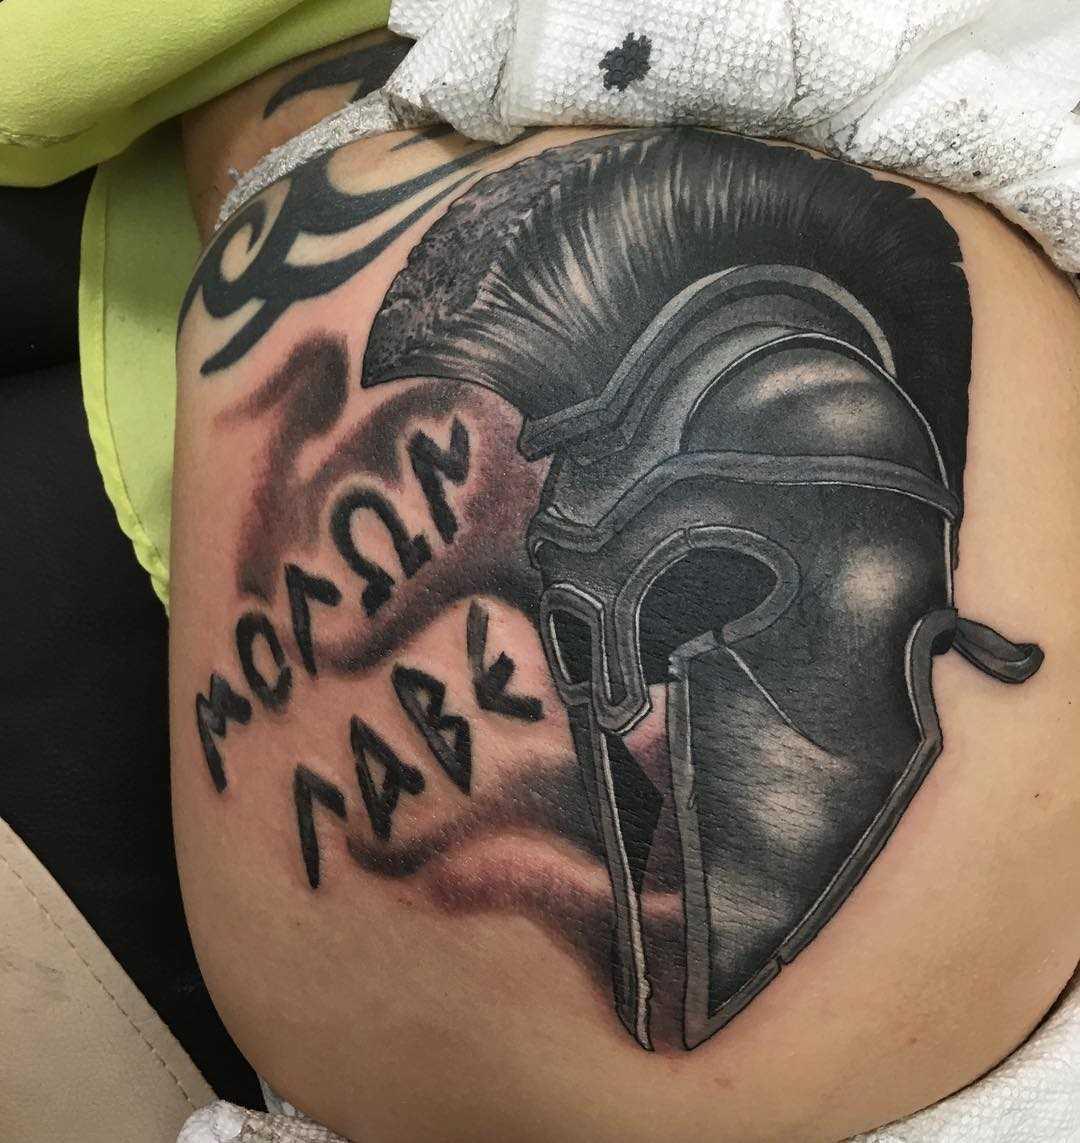 O desenho do capacete espartano com a inscrição na coxa da menina